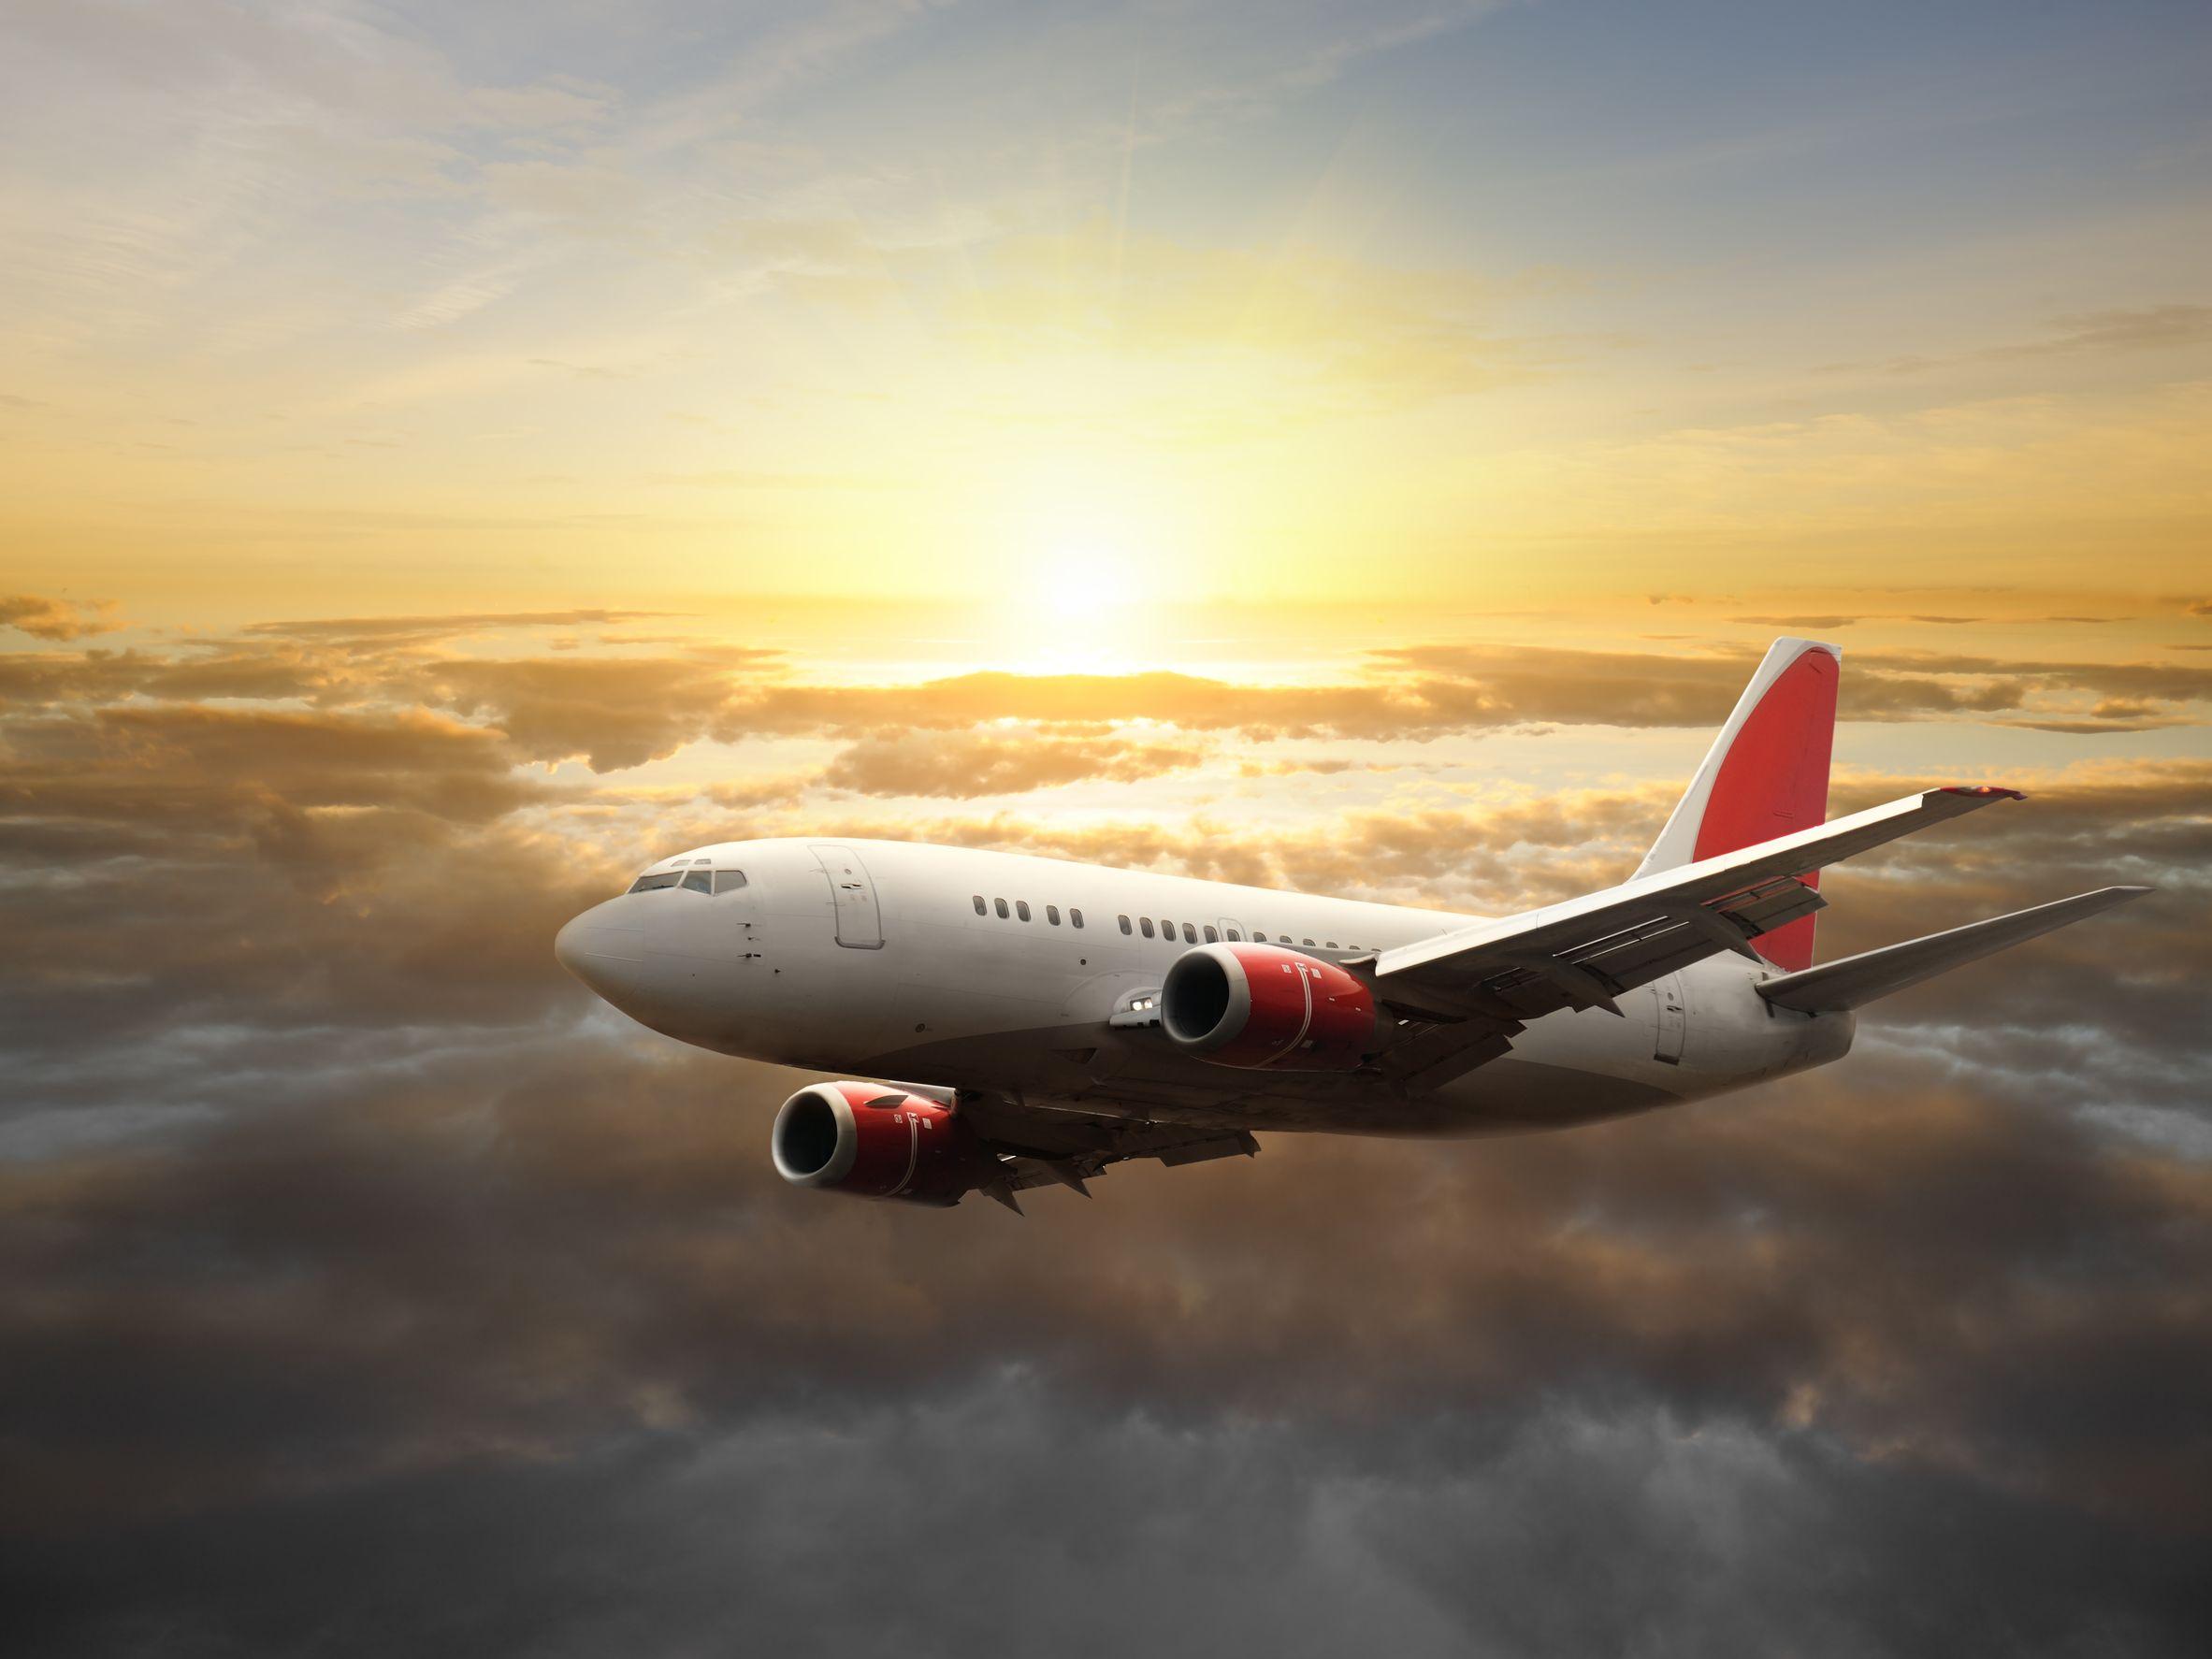 australia-plane-flight